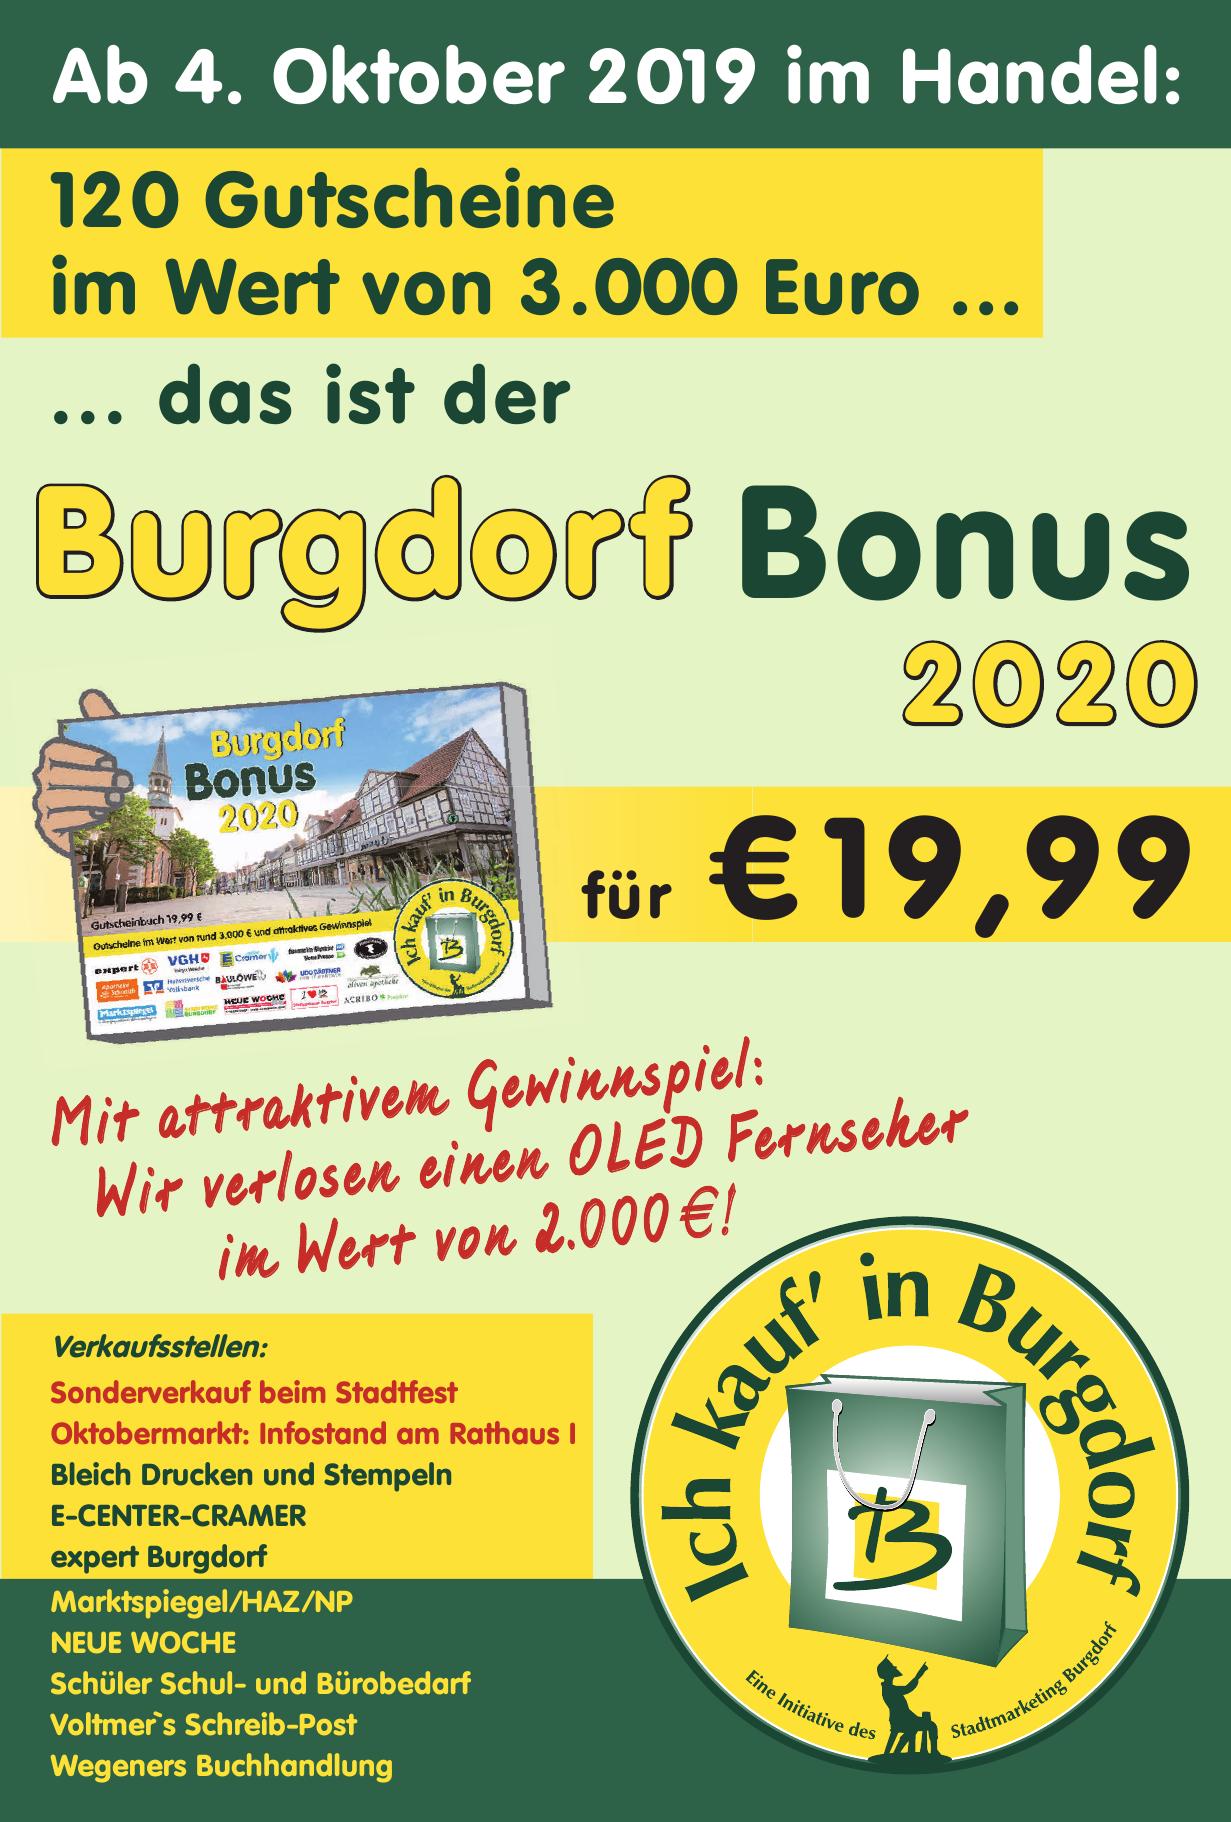 Burgdorf Bonus 2020